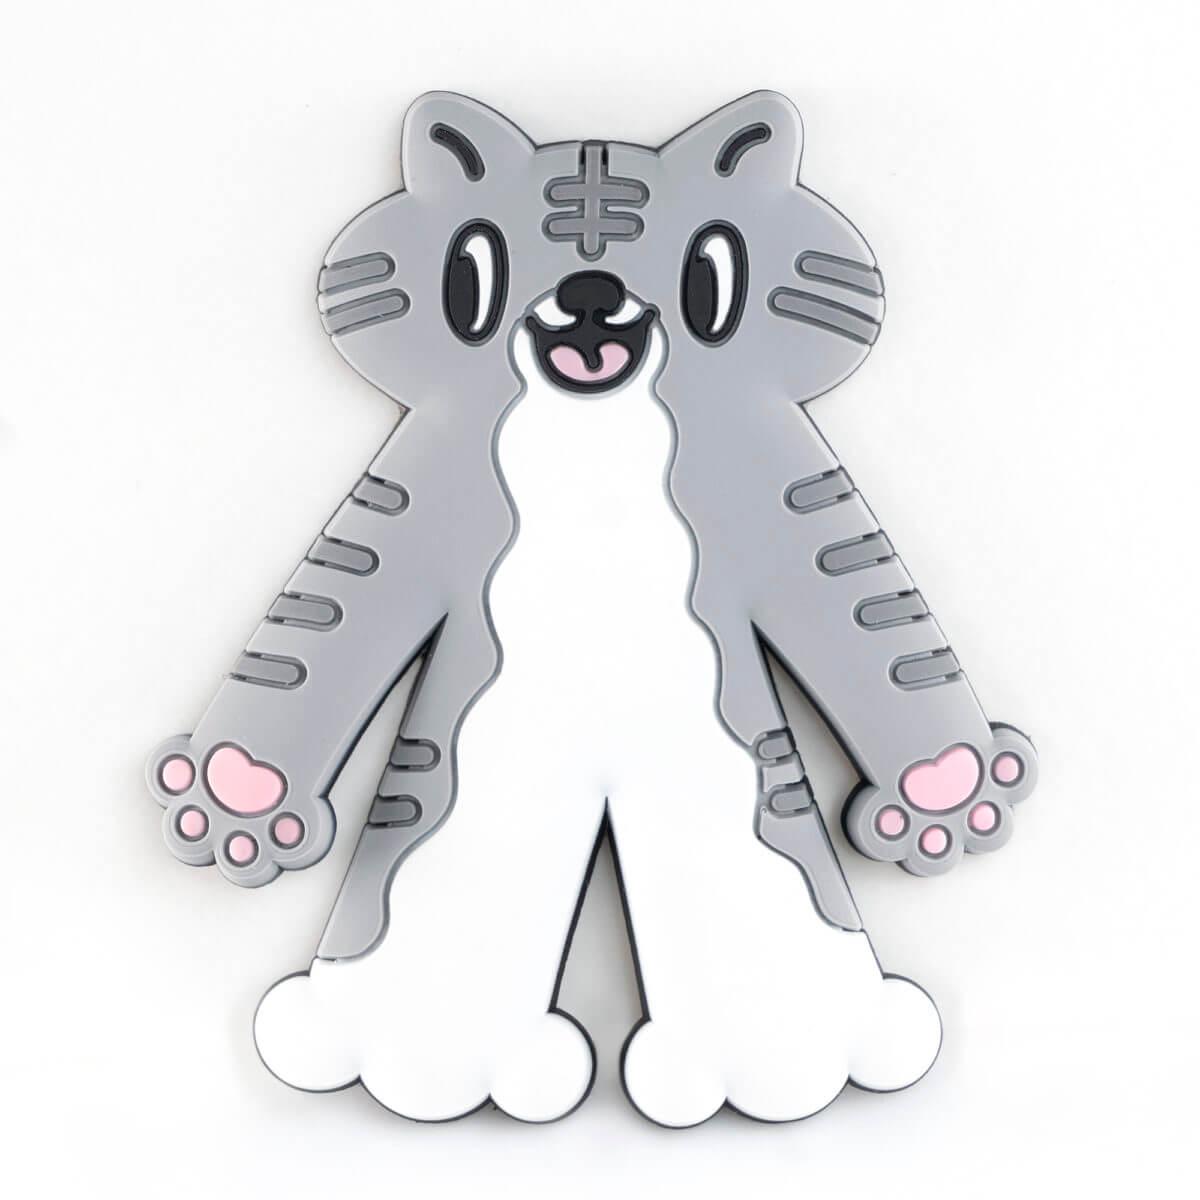 カプセルトイの猫型ラバーフック「PERAPERA CATS(ペラペラキャッツ)」サバトラデザインバージョン